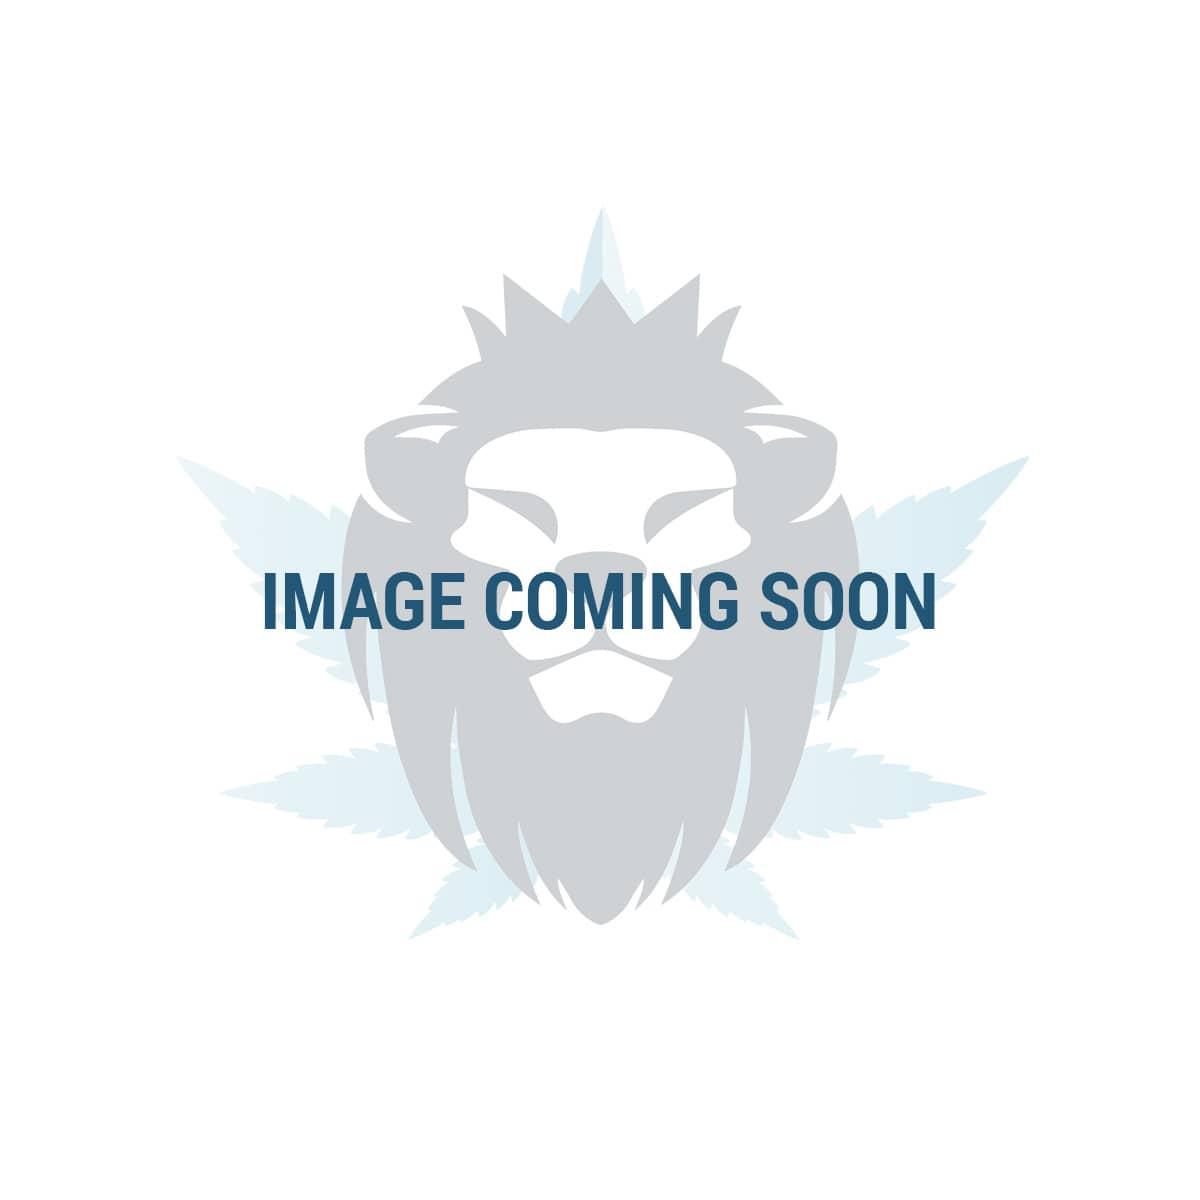 Canevape Complete  E-Liquid 600 mg CBD 60mg CBG